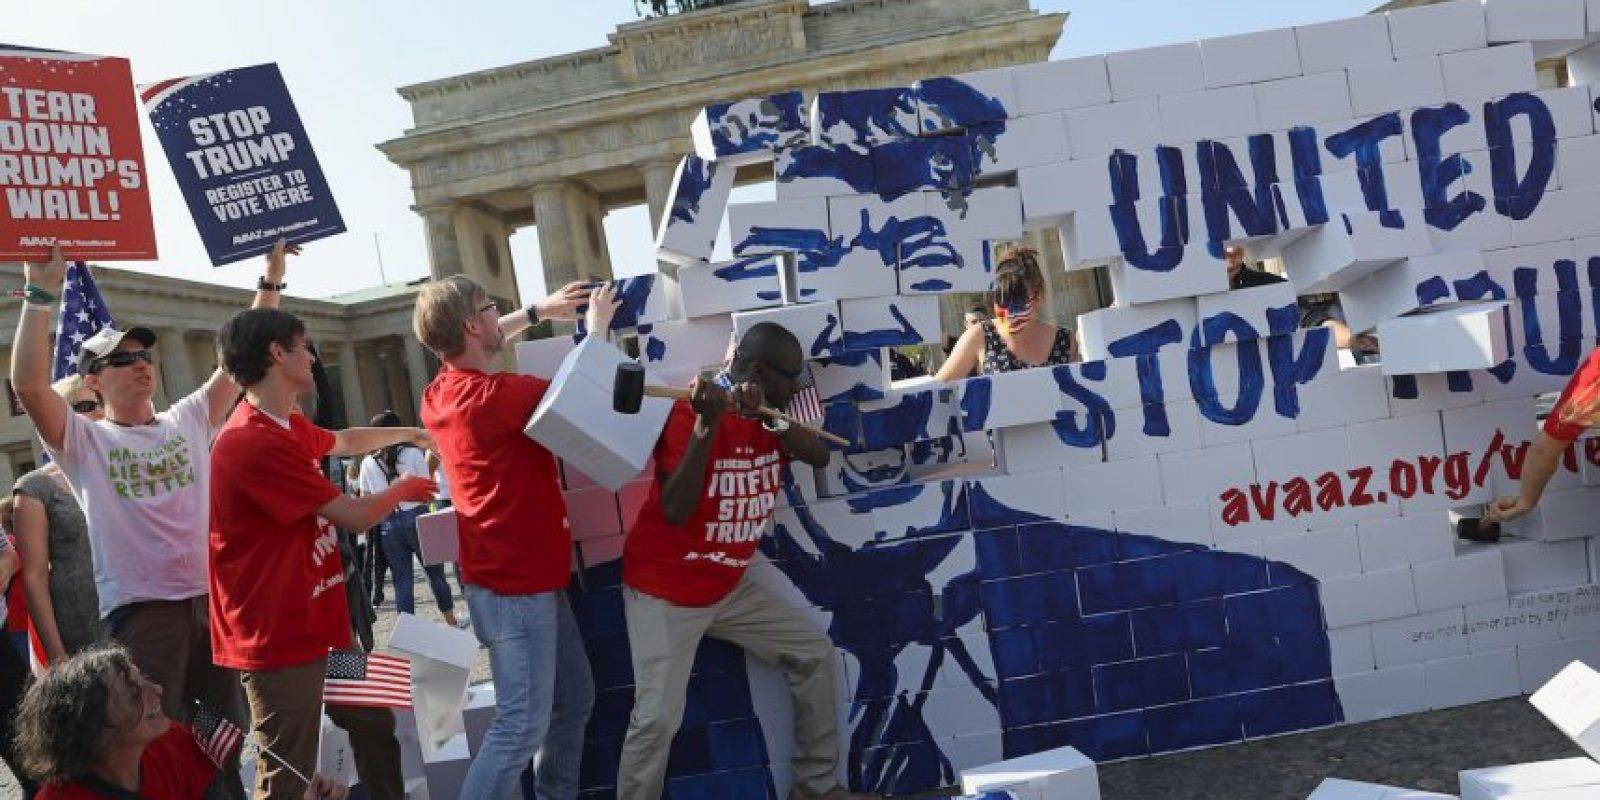 El candidato presidencial pretende construir un muro en la frontera con México Foto:Getty Images